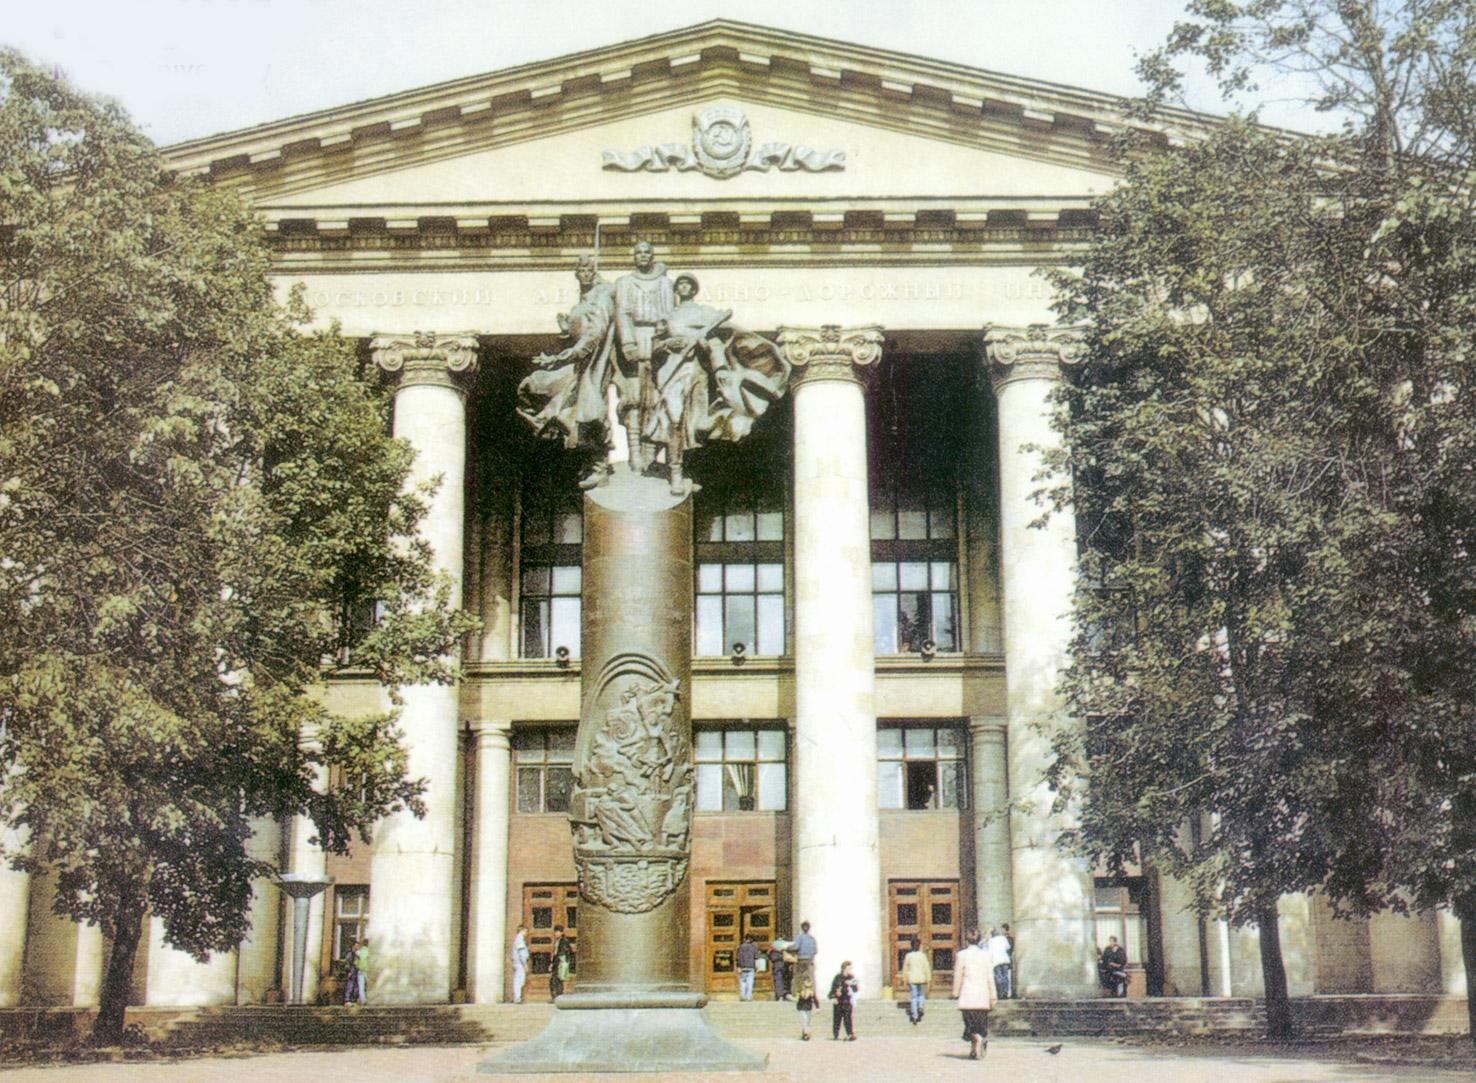 техника московский автодорожный институт фотографии его помощью осужденные